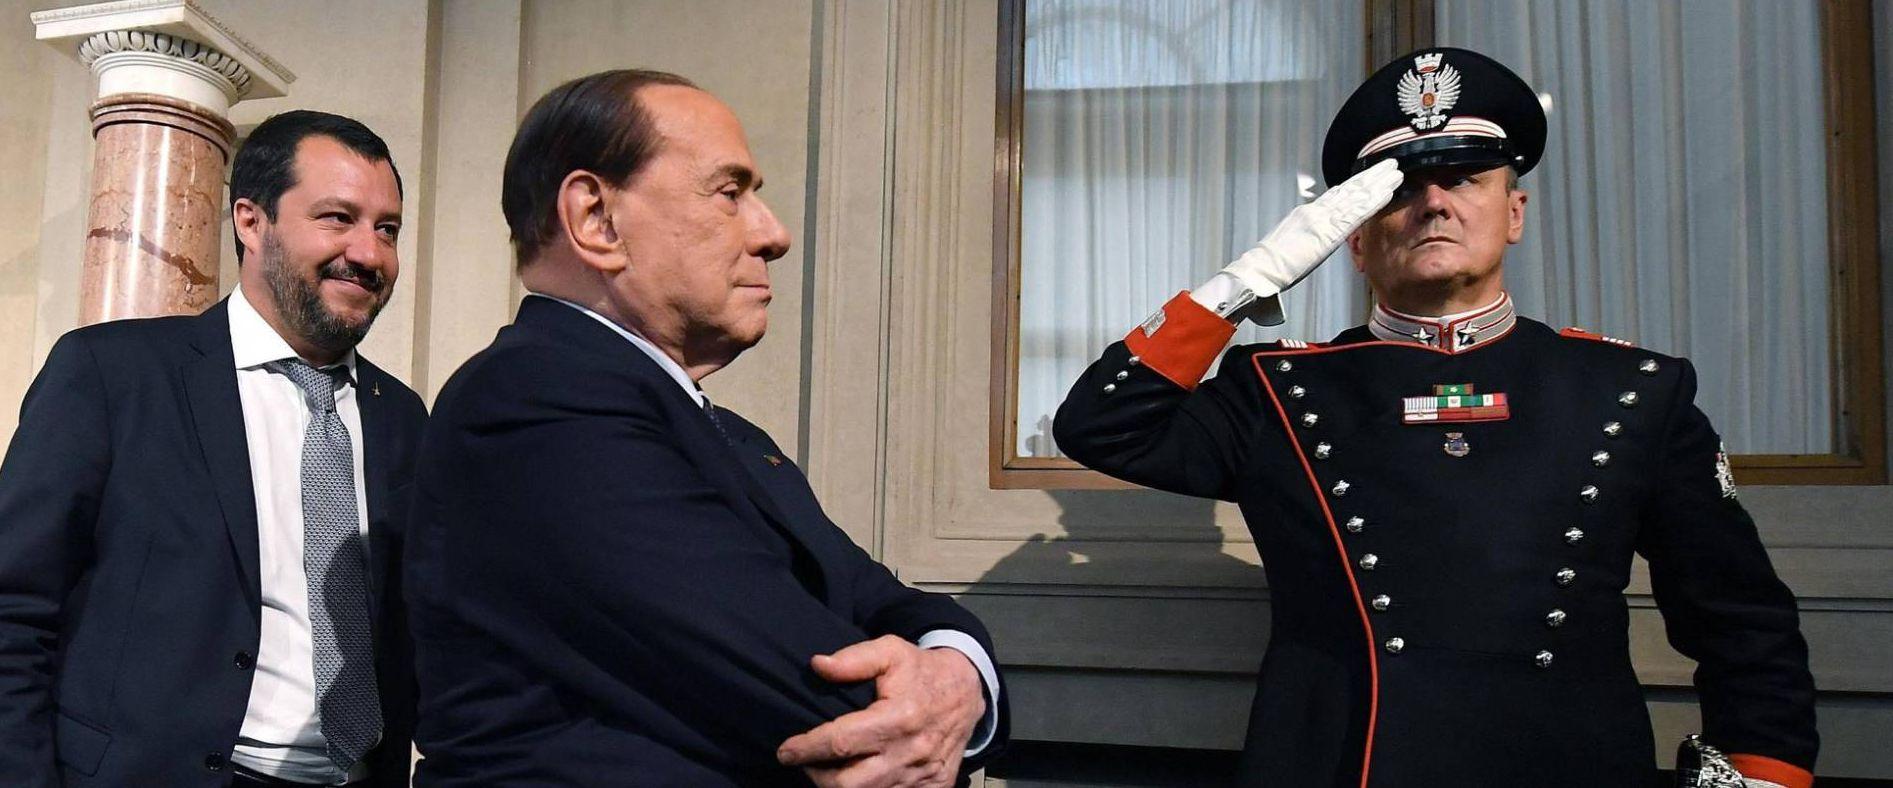 Berlusconi ya puede volver a presentarse en unas elecciones en ...